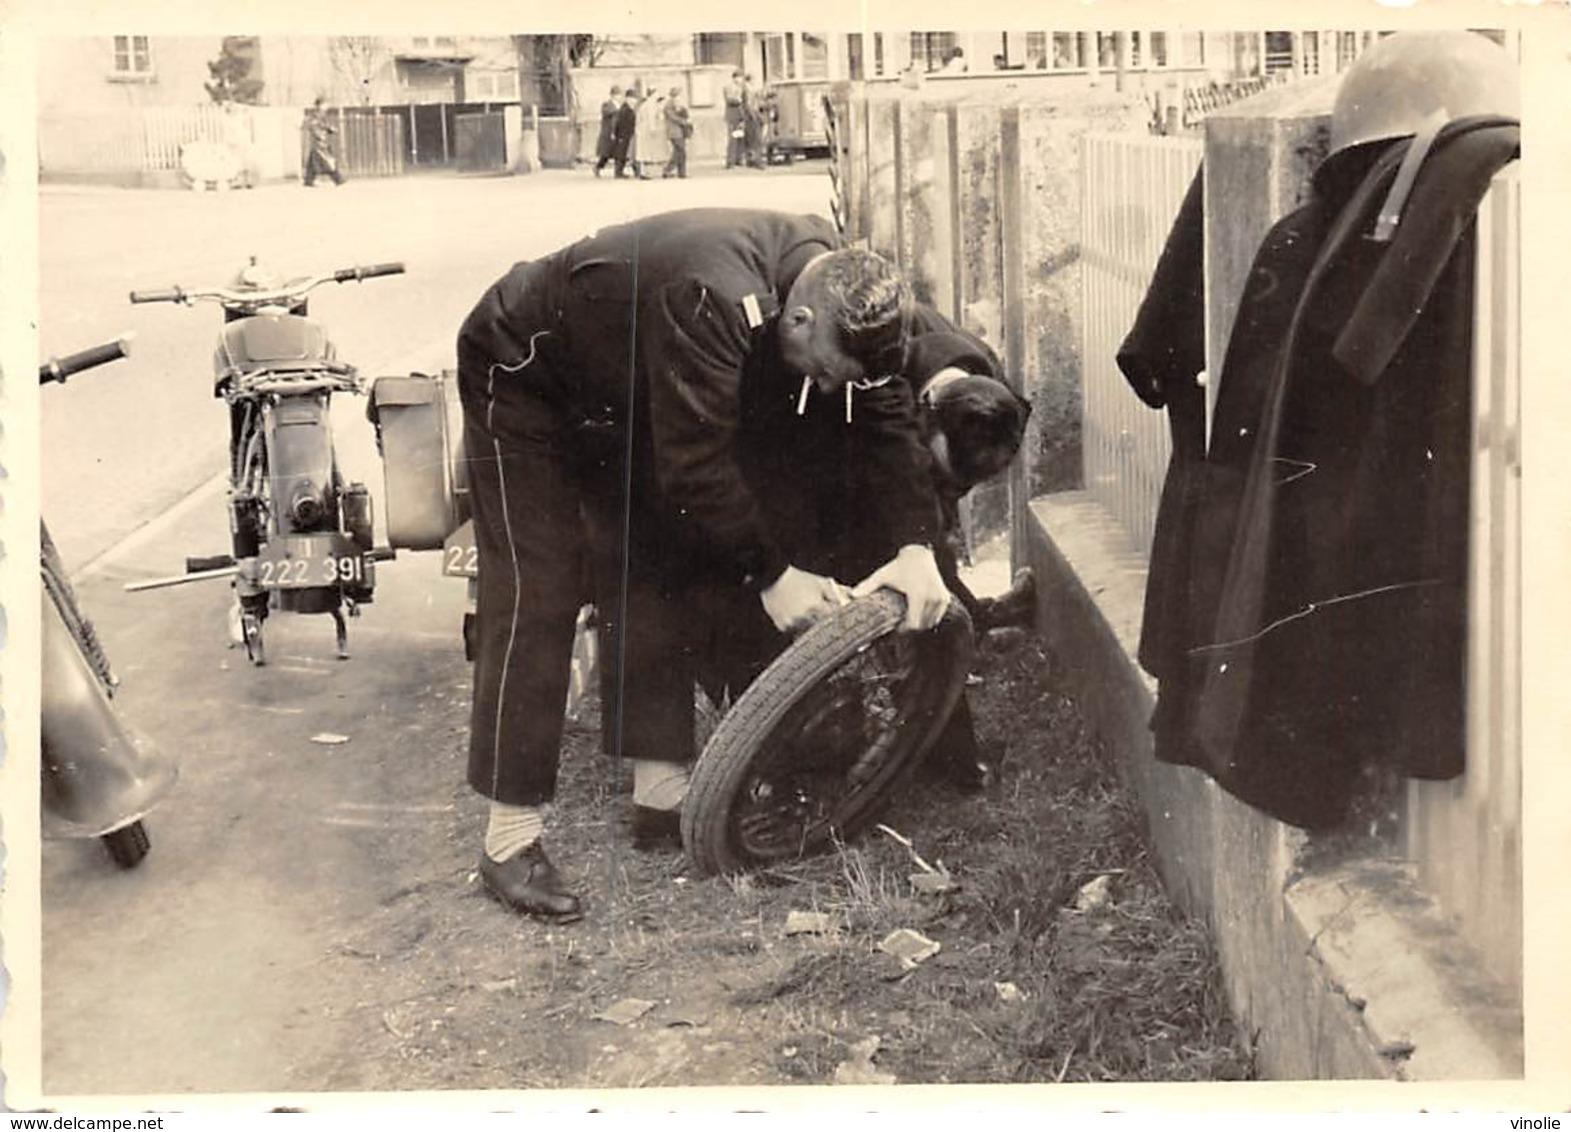 PIE.T.Z19-0052 : PHOTO.  LA CREVAISON A MOTO. LA REPARATION..  PHOTO AMATEUR. FORMAT 10 CM X 7 CM. - Motorbikes